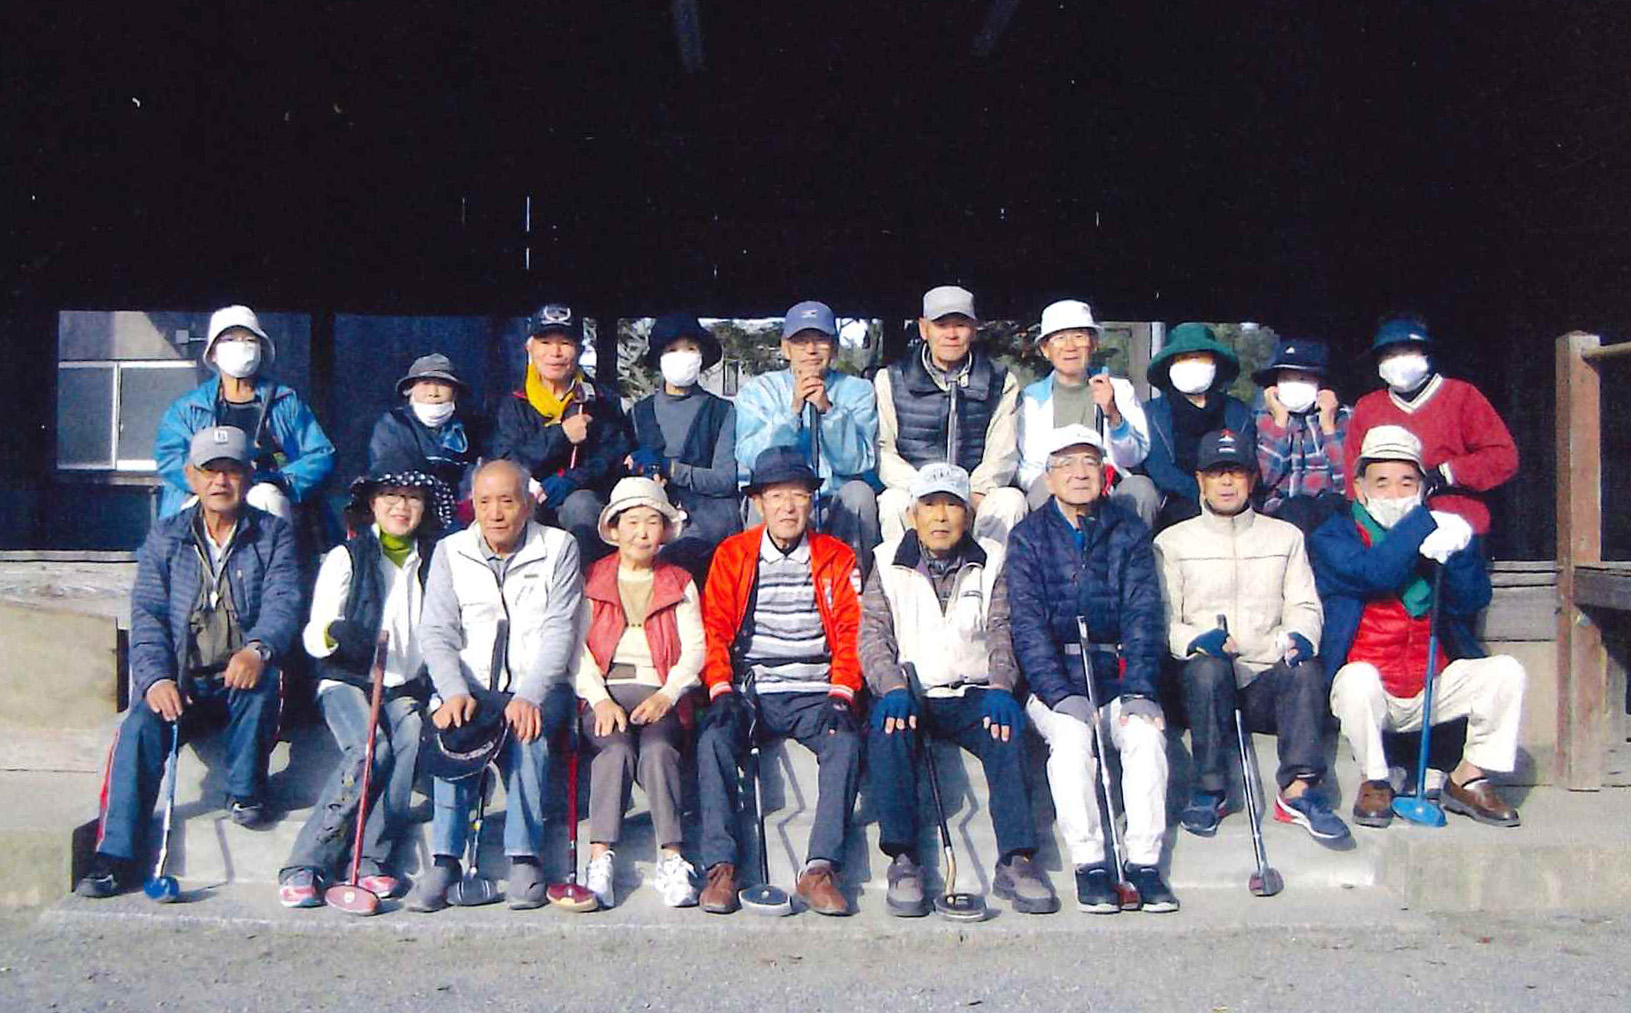 記事 筑紫野市シニアクラブ連合会を紹介のアイキャッチ画像